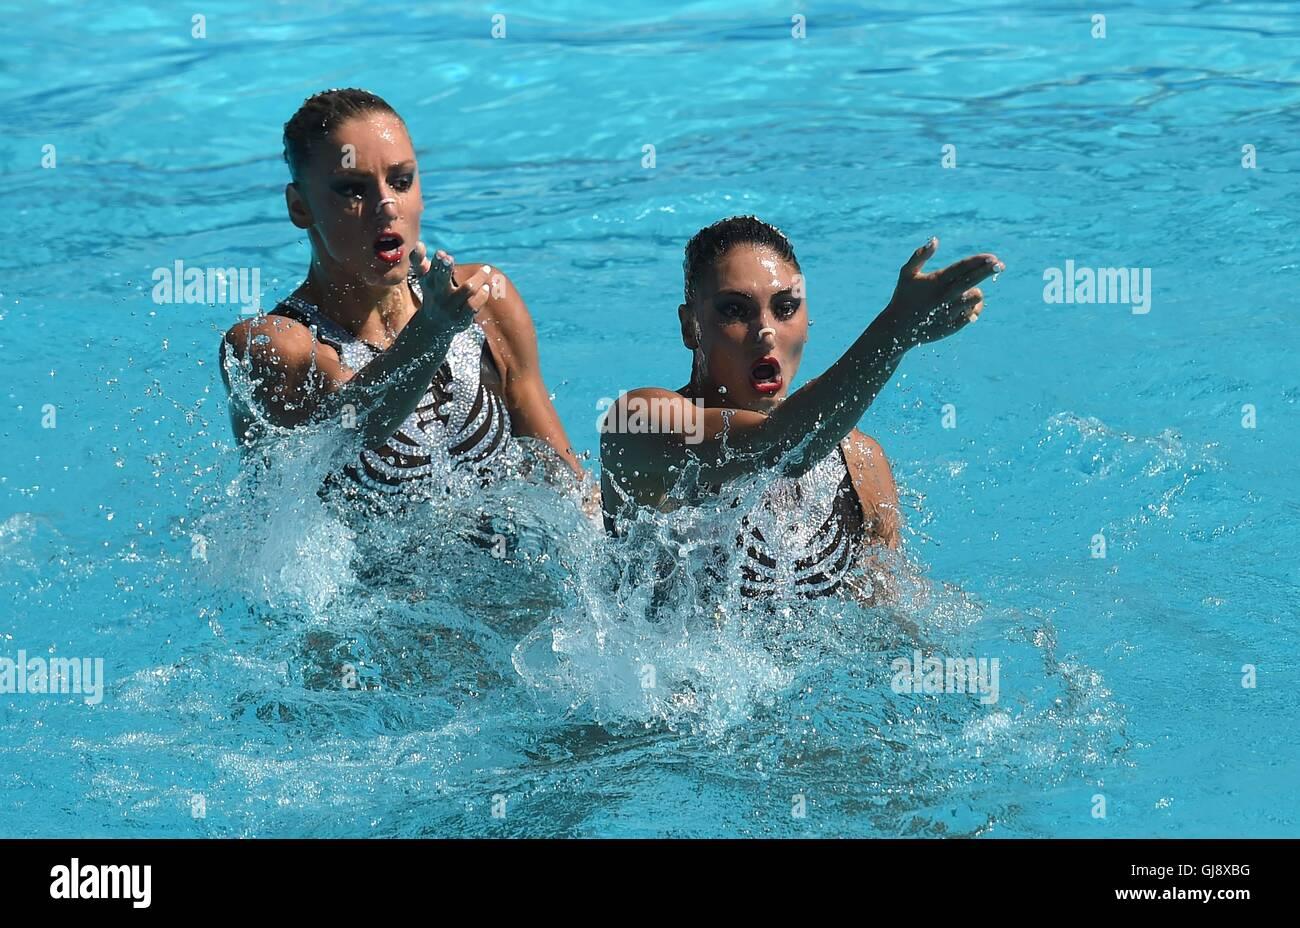 Rio de Janeiro, Brazil. 14th August, 2016. Evagelia Papazoglou (GRE) and Evangelia Platanioti (GRE). Synchronised - Stock Image